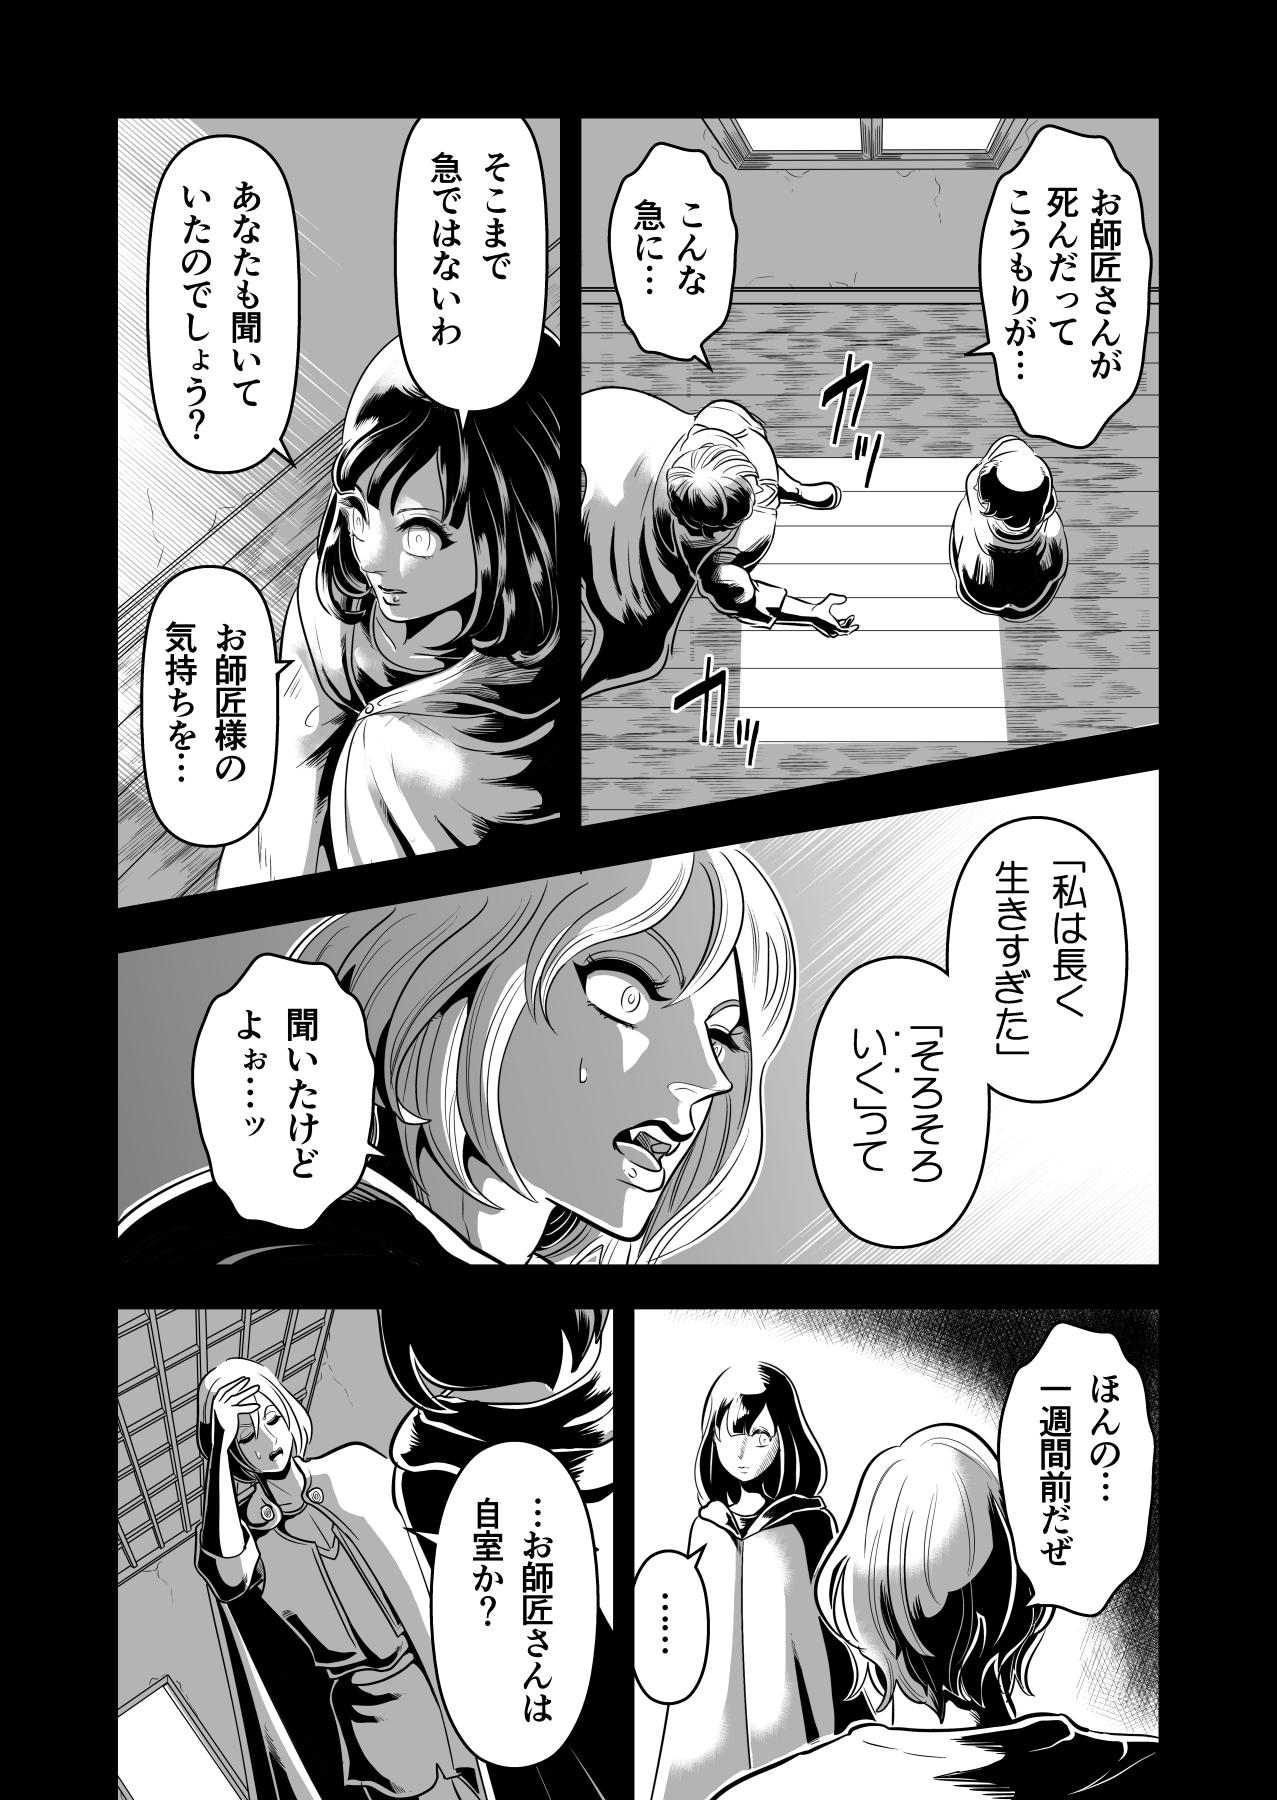 ヤサグレ魔女と第1王子と吸血鬼0020